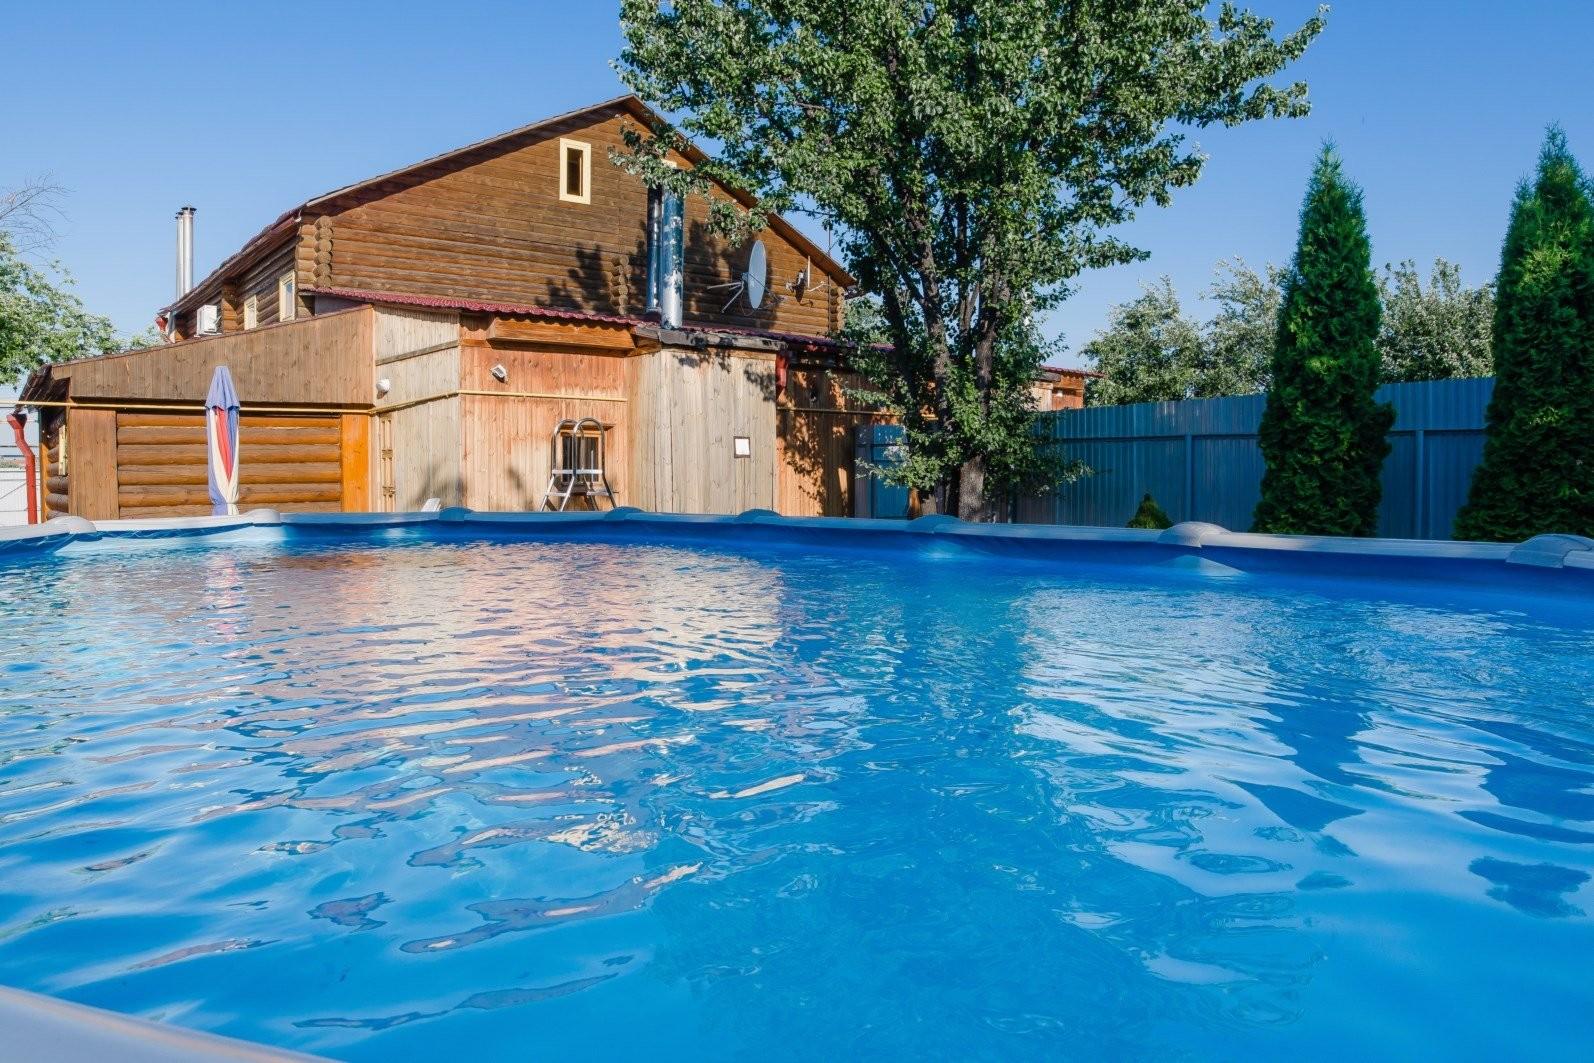 Лукоморье, гостинично-банный комплекс - №1